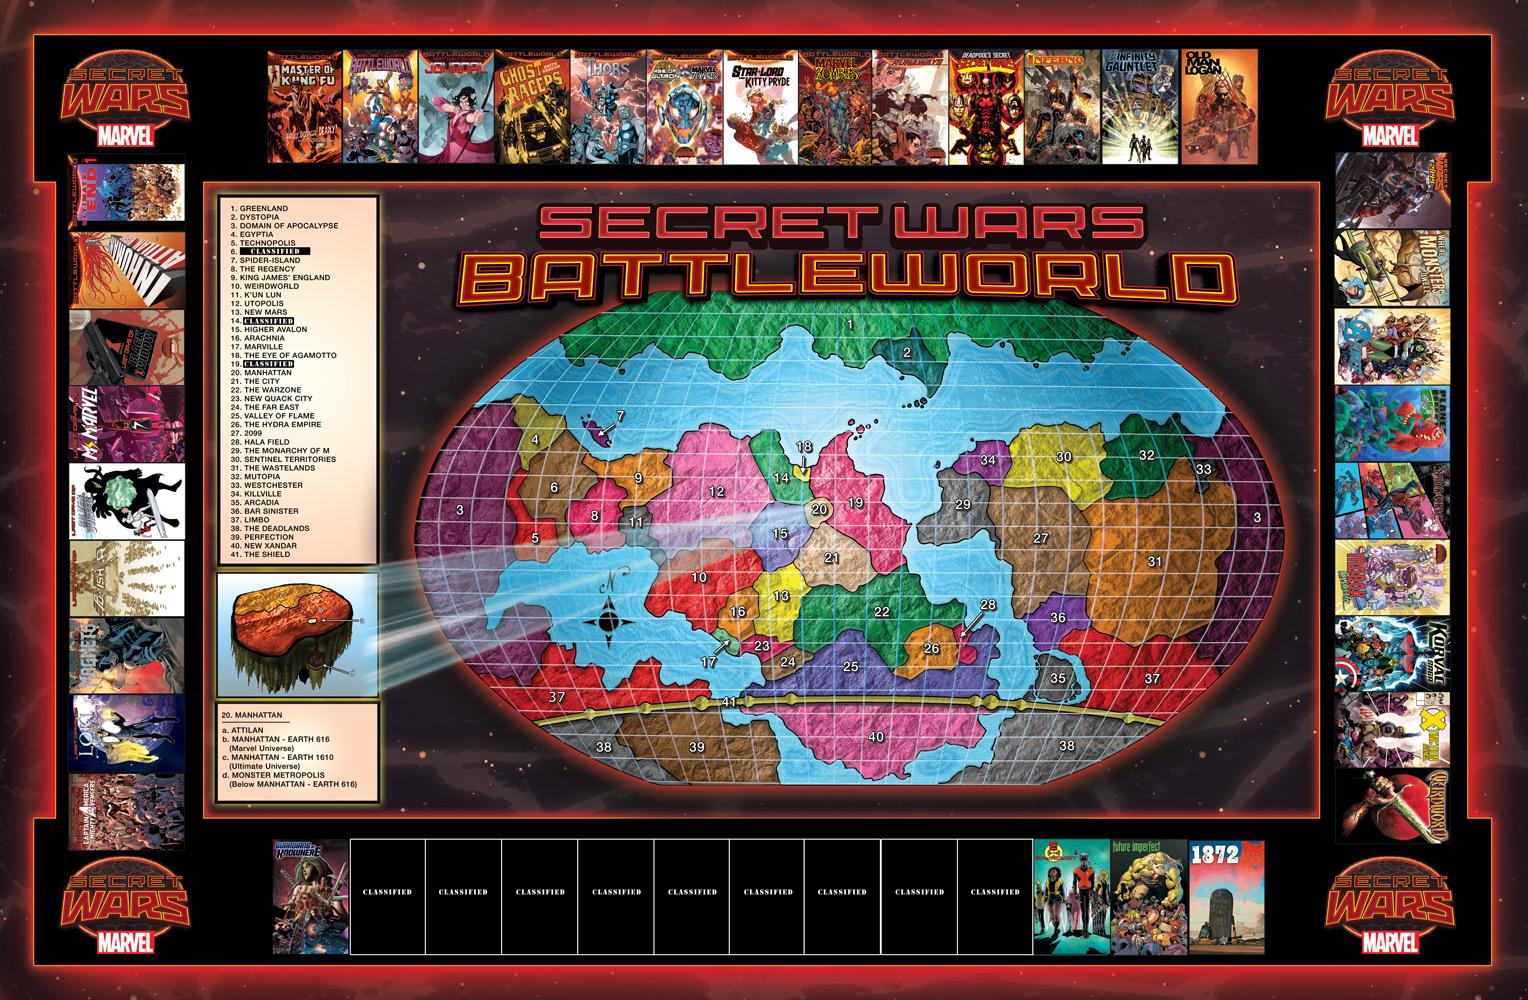 [MARVEL] Publicaciones Universo Marvel: Discusión General - Página 5 BATTLEBOARD